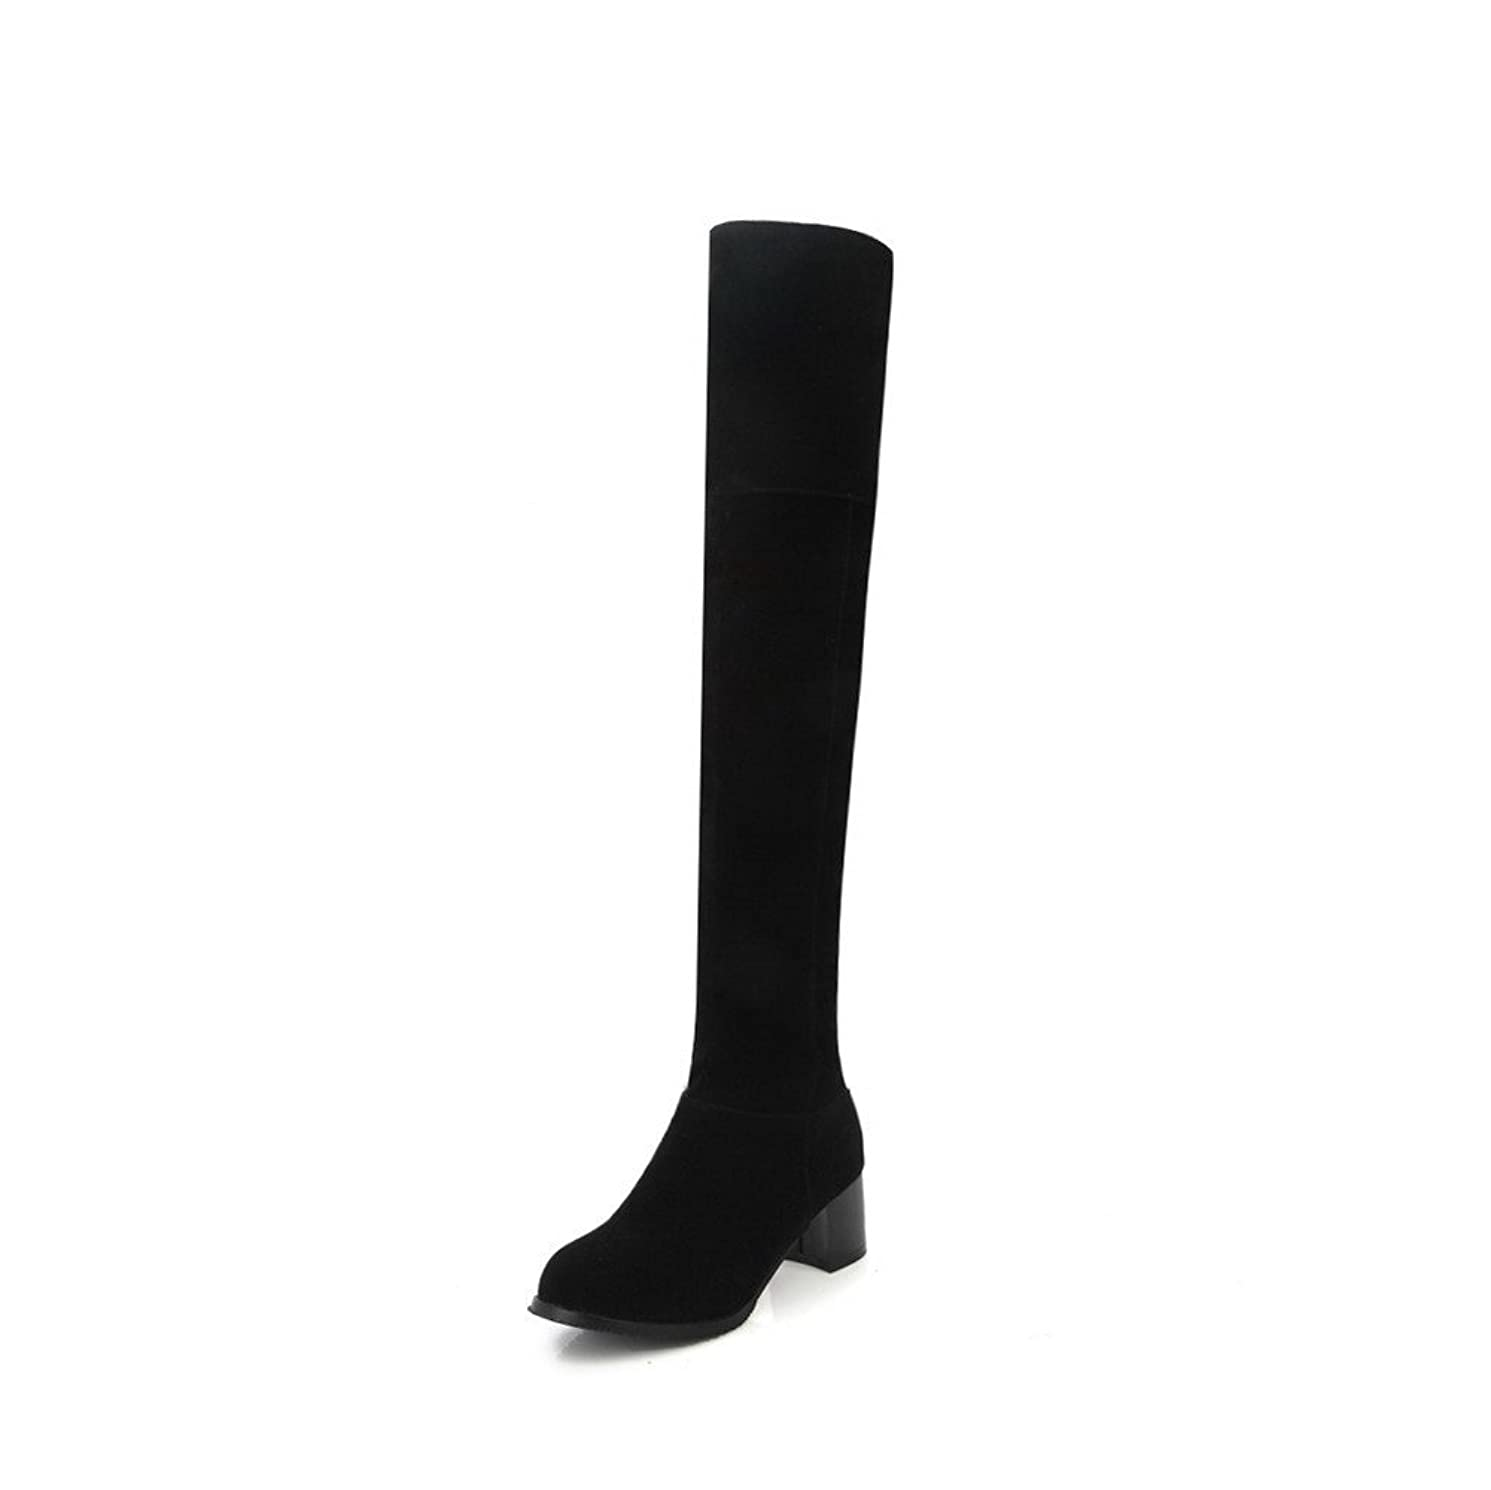 真鍮ペンダント幸運なことに[ヴォーグゾーン009] レディース ラウンドトゥ 中ヒール ヌバック ミシンで縫い糸 ジッパー ロングブーツ 030223 25.5cm ブラック